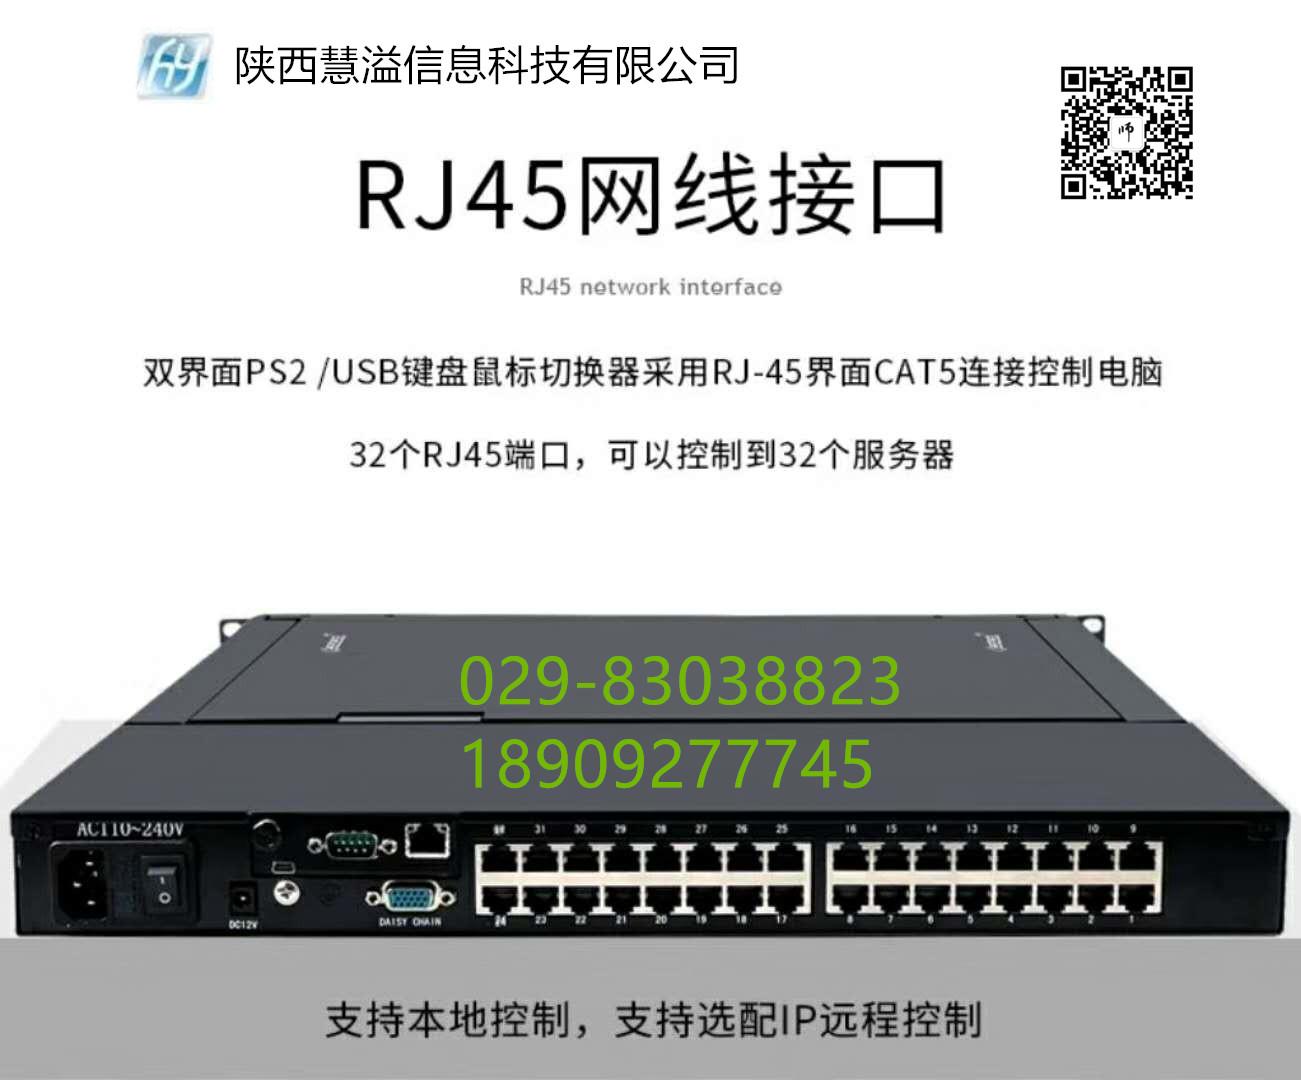 甘肃银川宁夏KVM切换器|数字切换器-陕西慧溢科技推荐